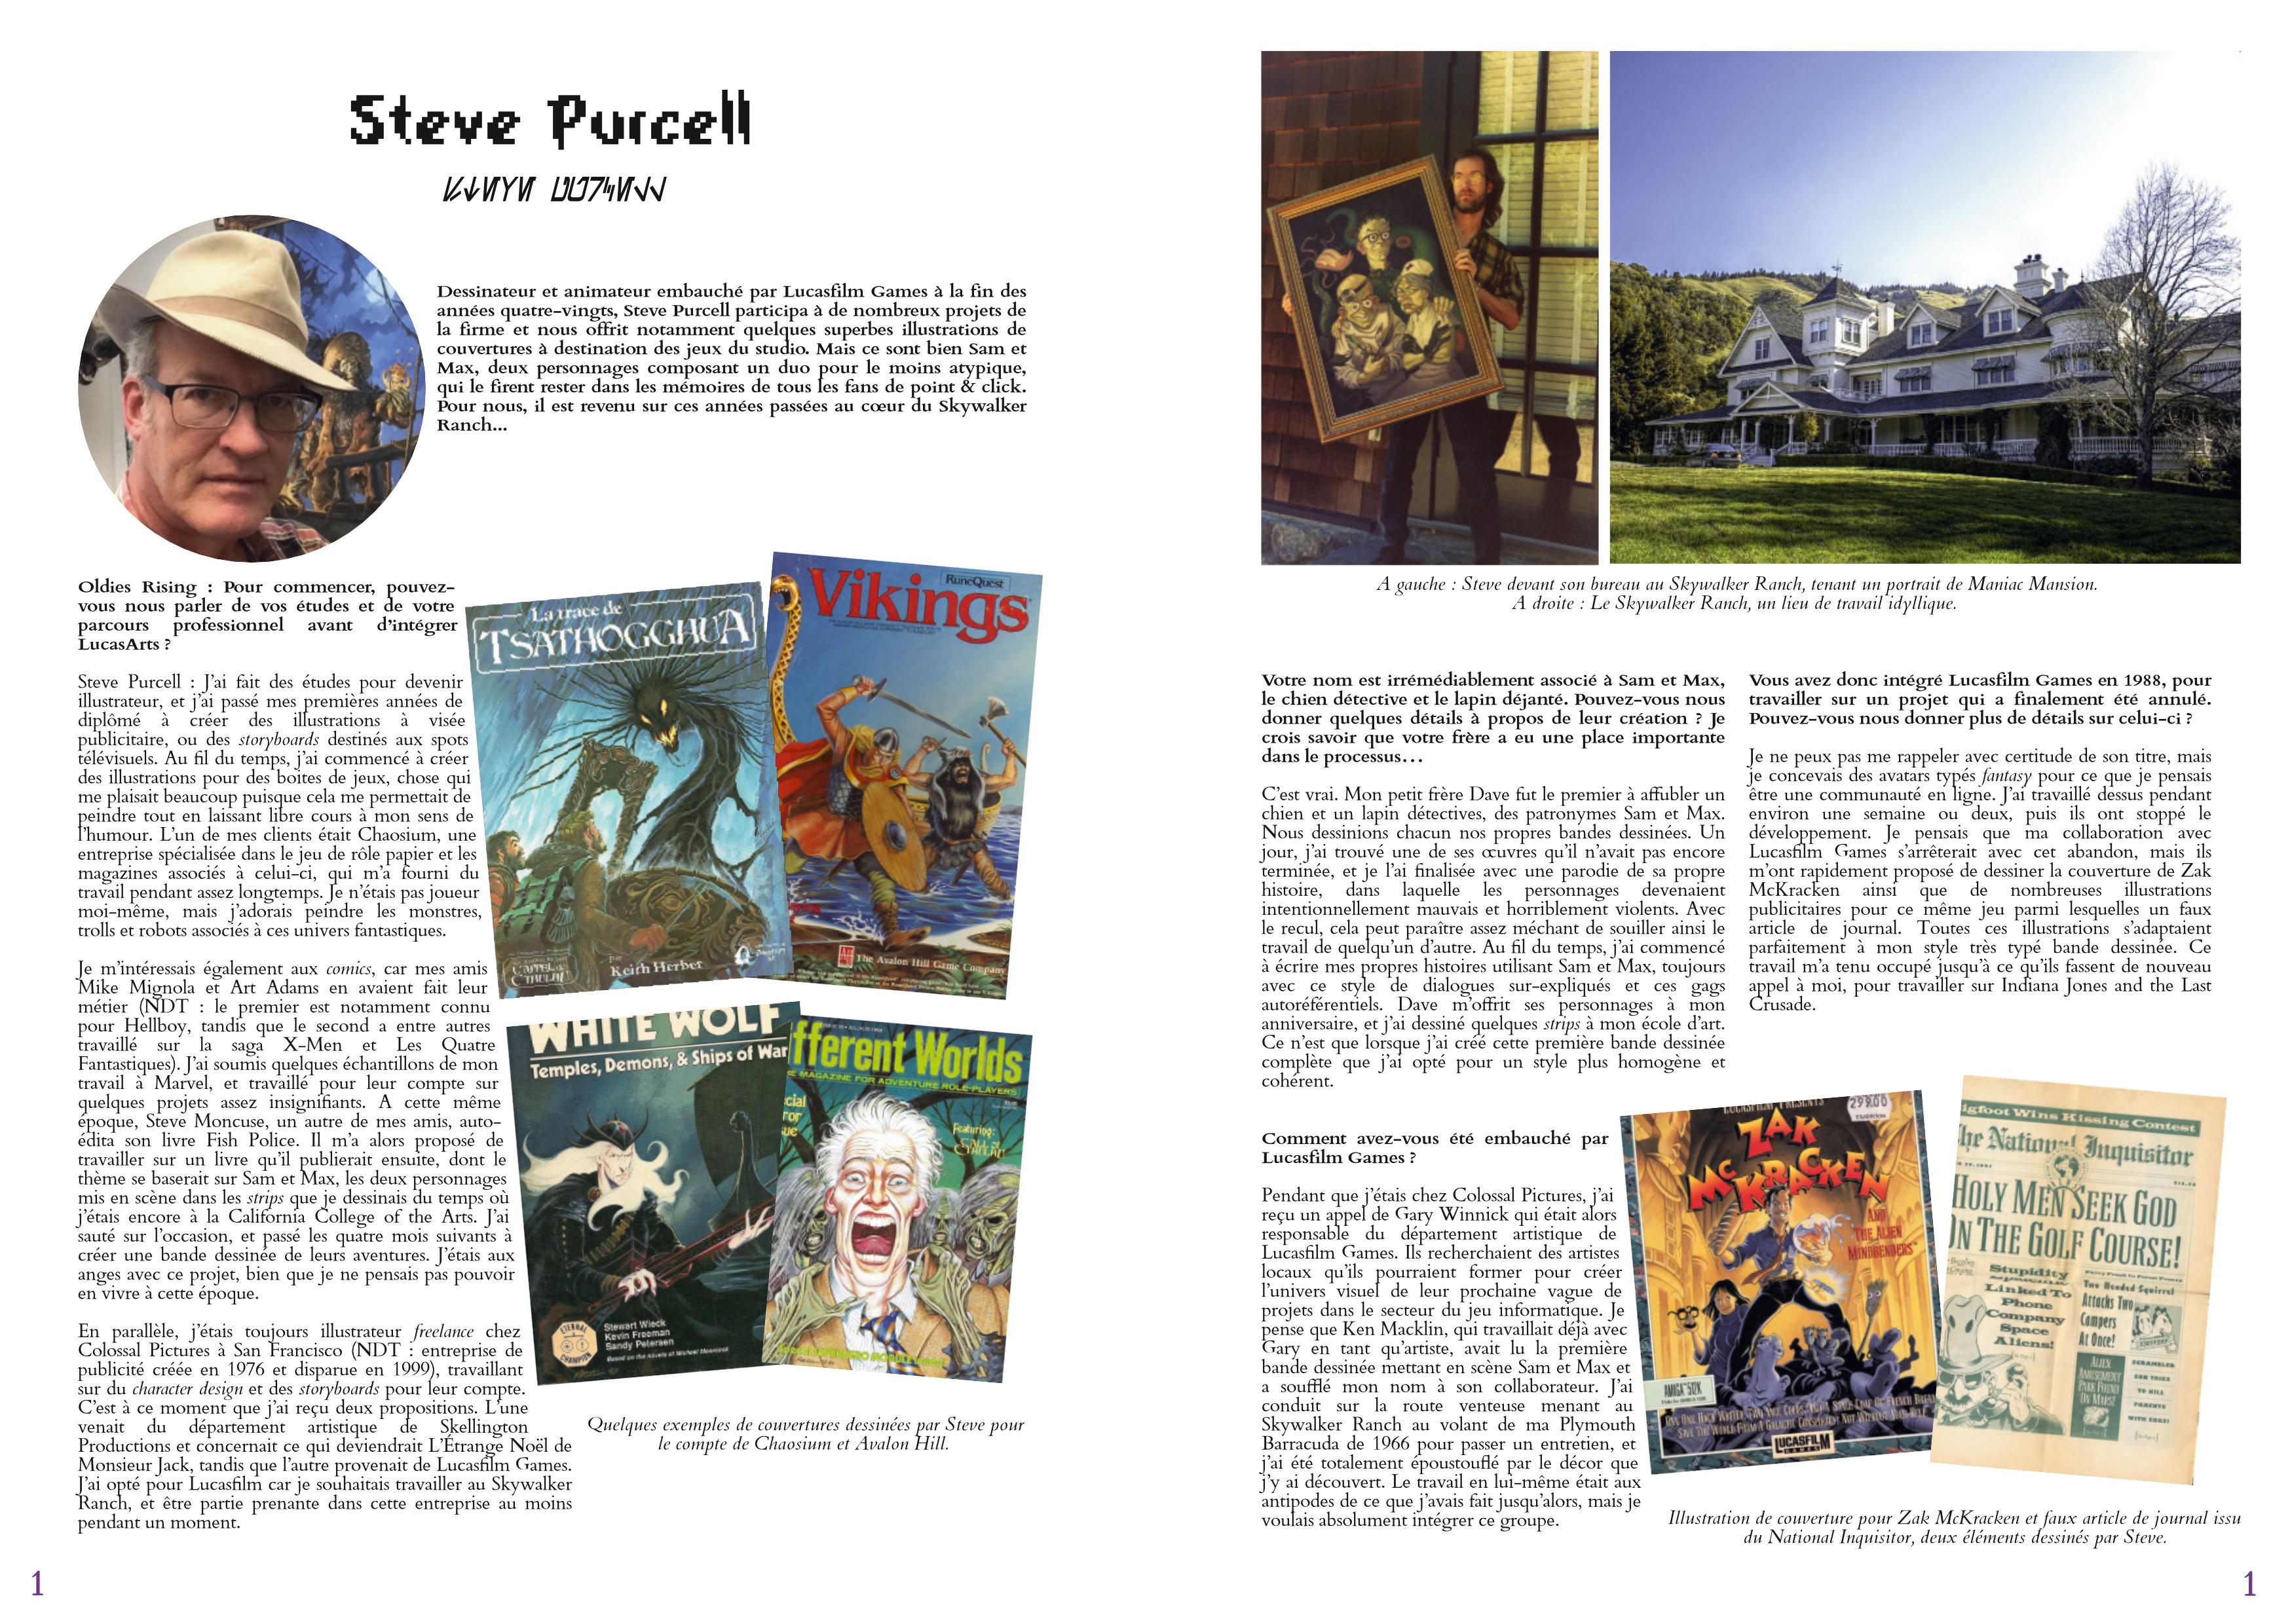 LucasArts les chroniques extrait Interviw Steve Purcell